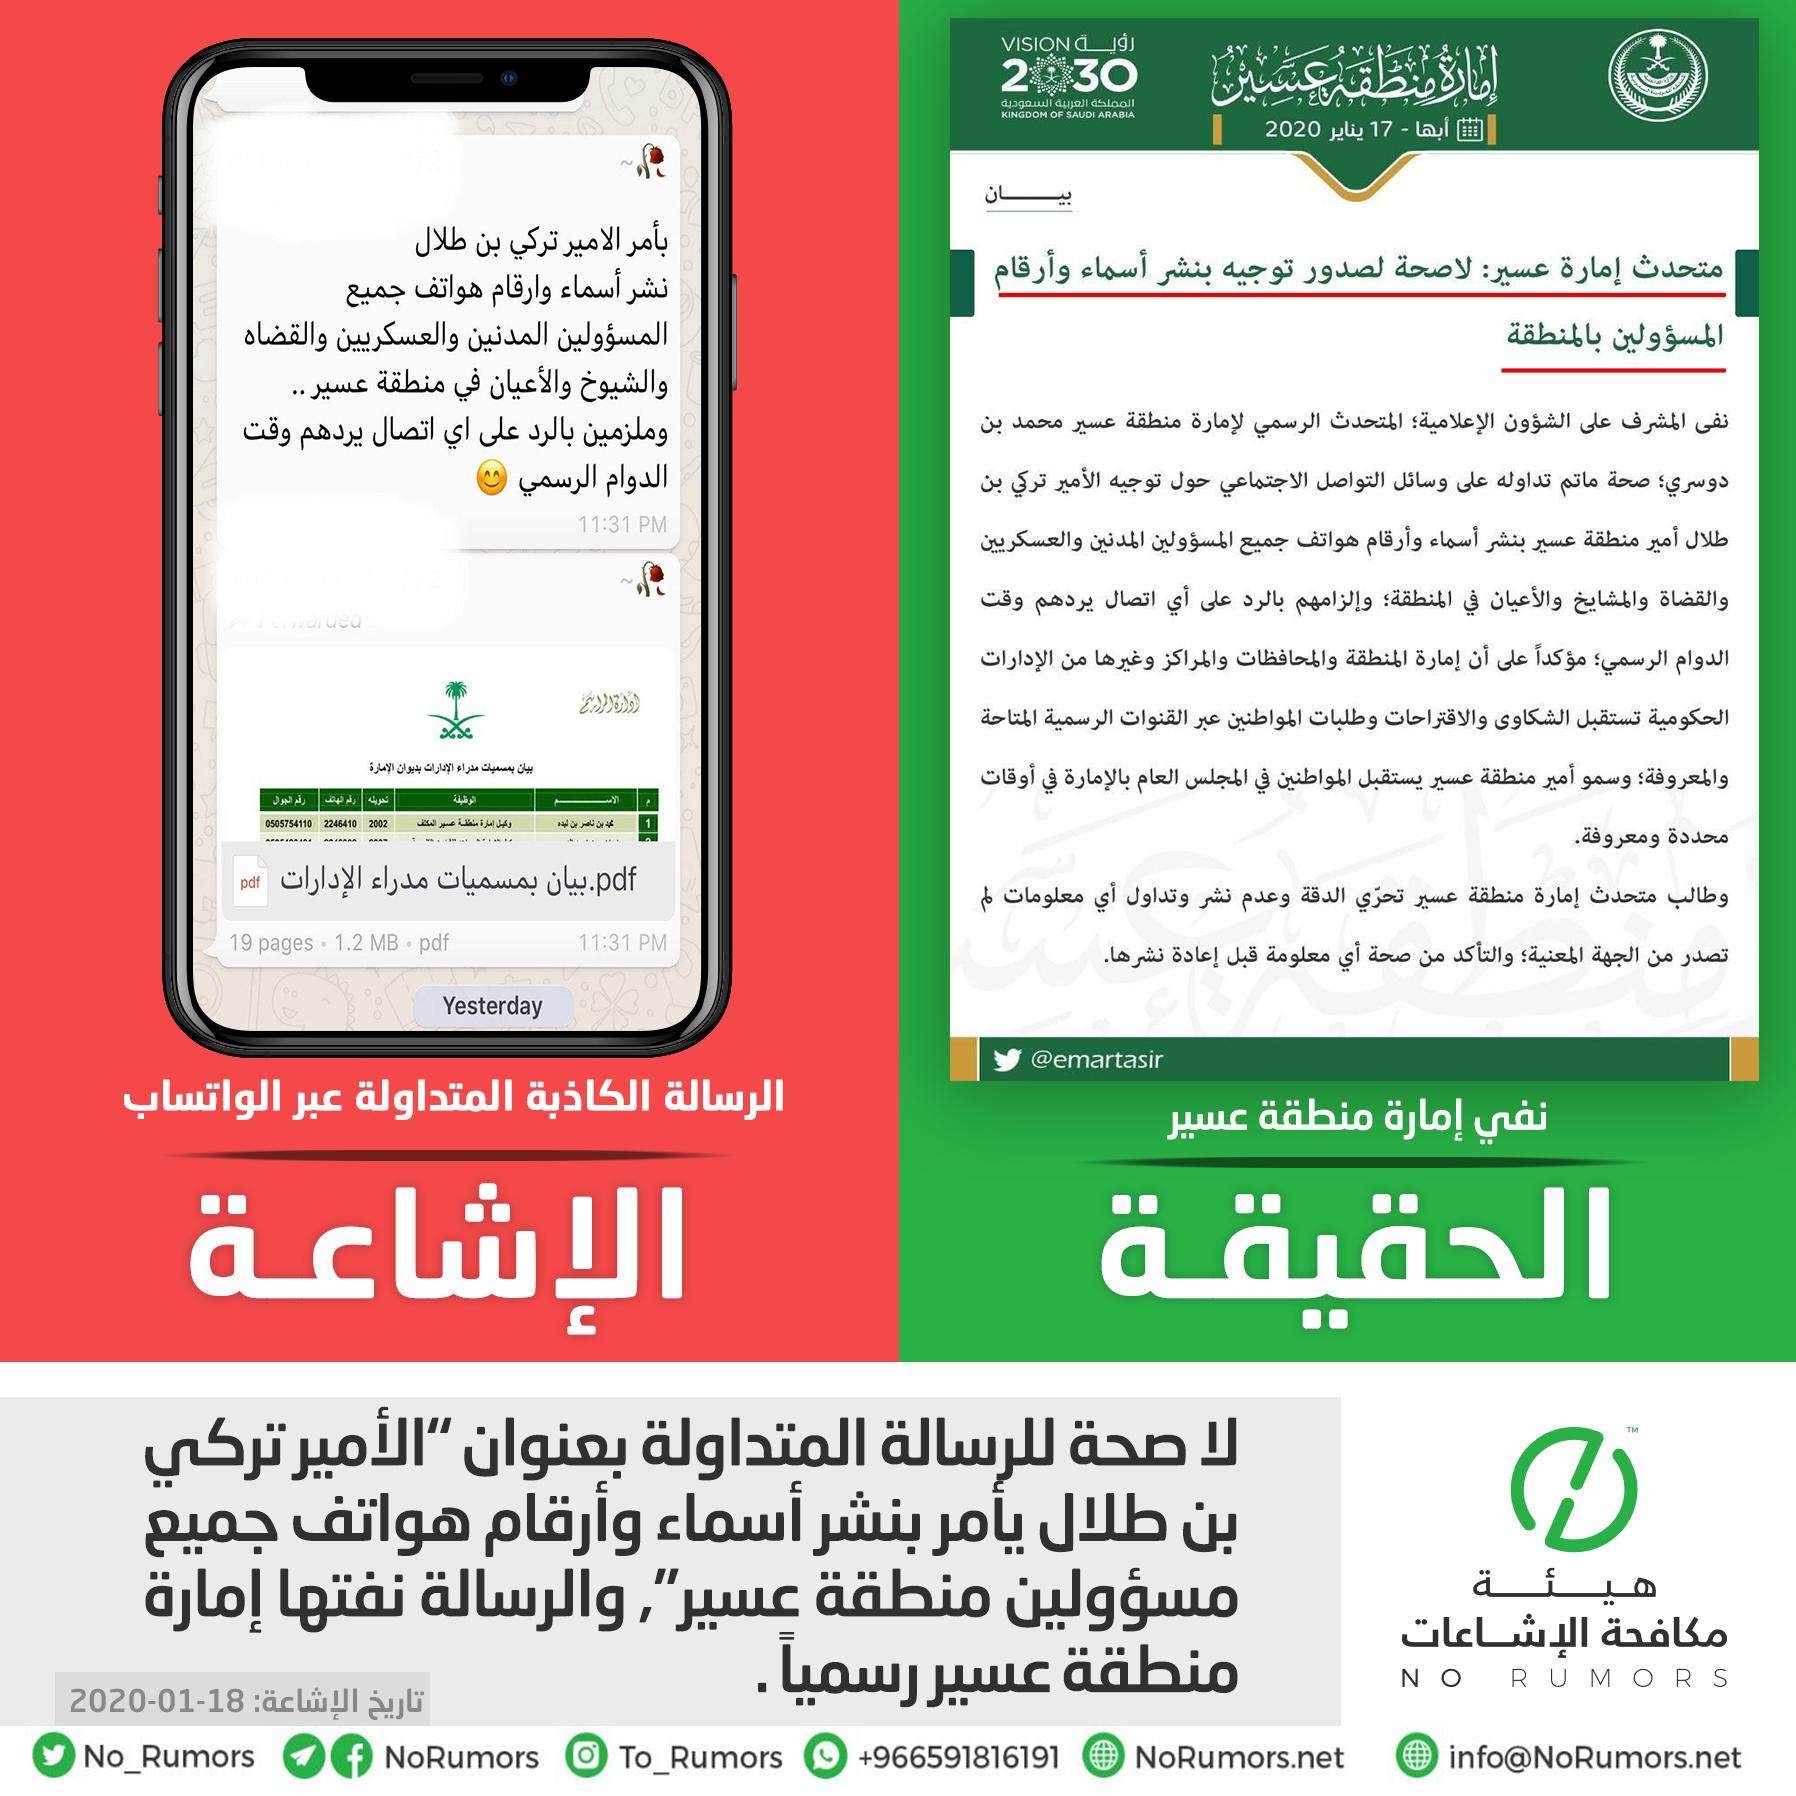 حقيقة رسالة نشر أسماء وأرقام هواتف جميع مسؤولين منطقة عسير